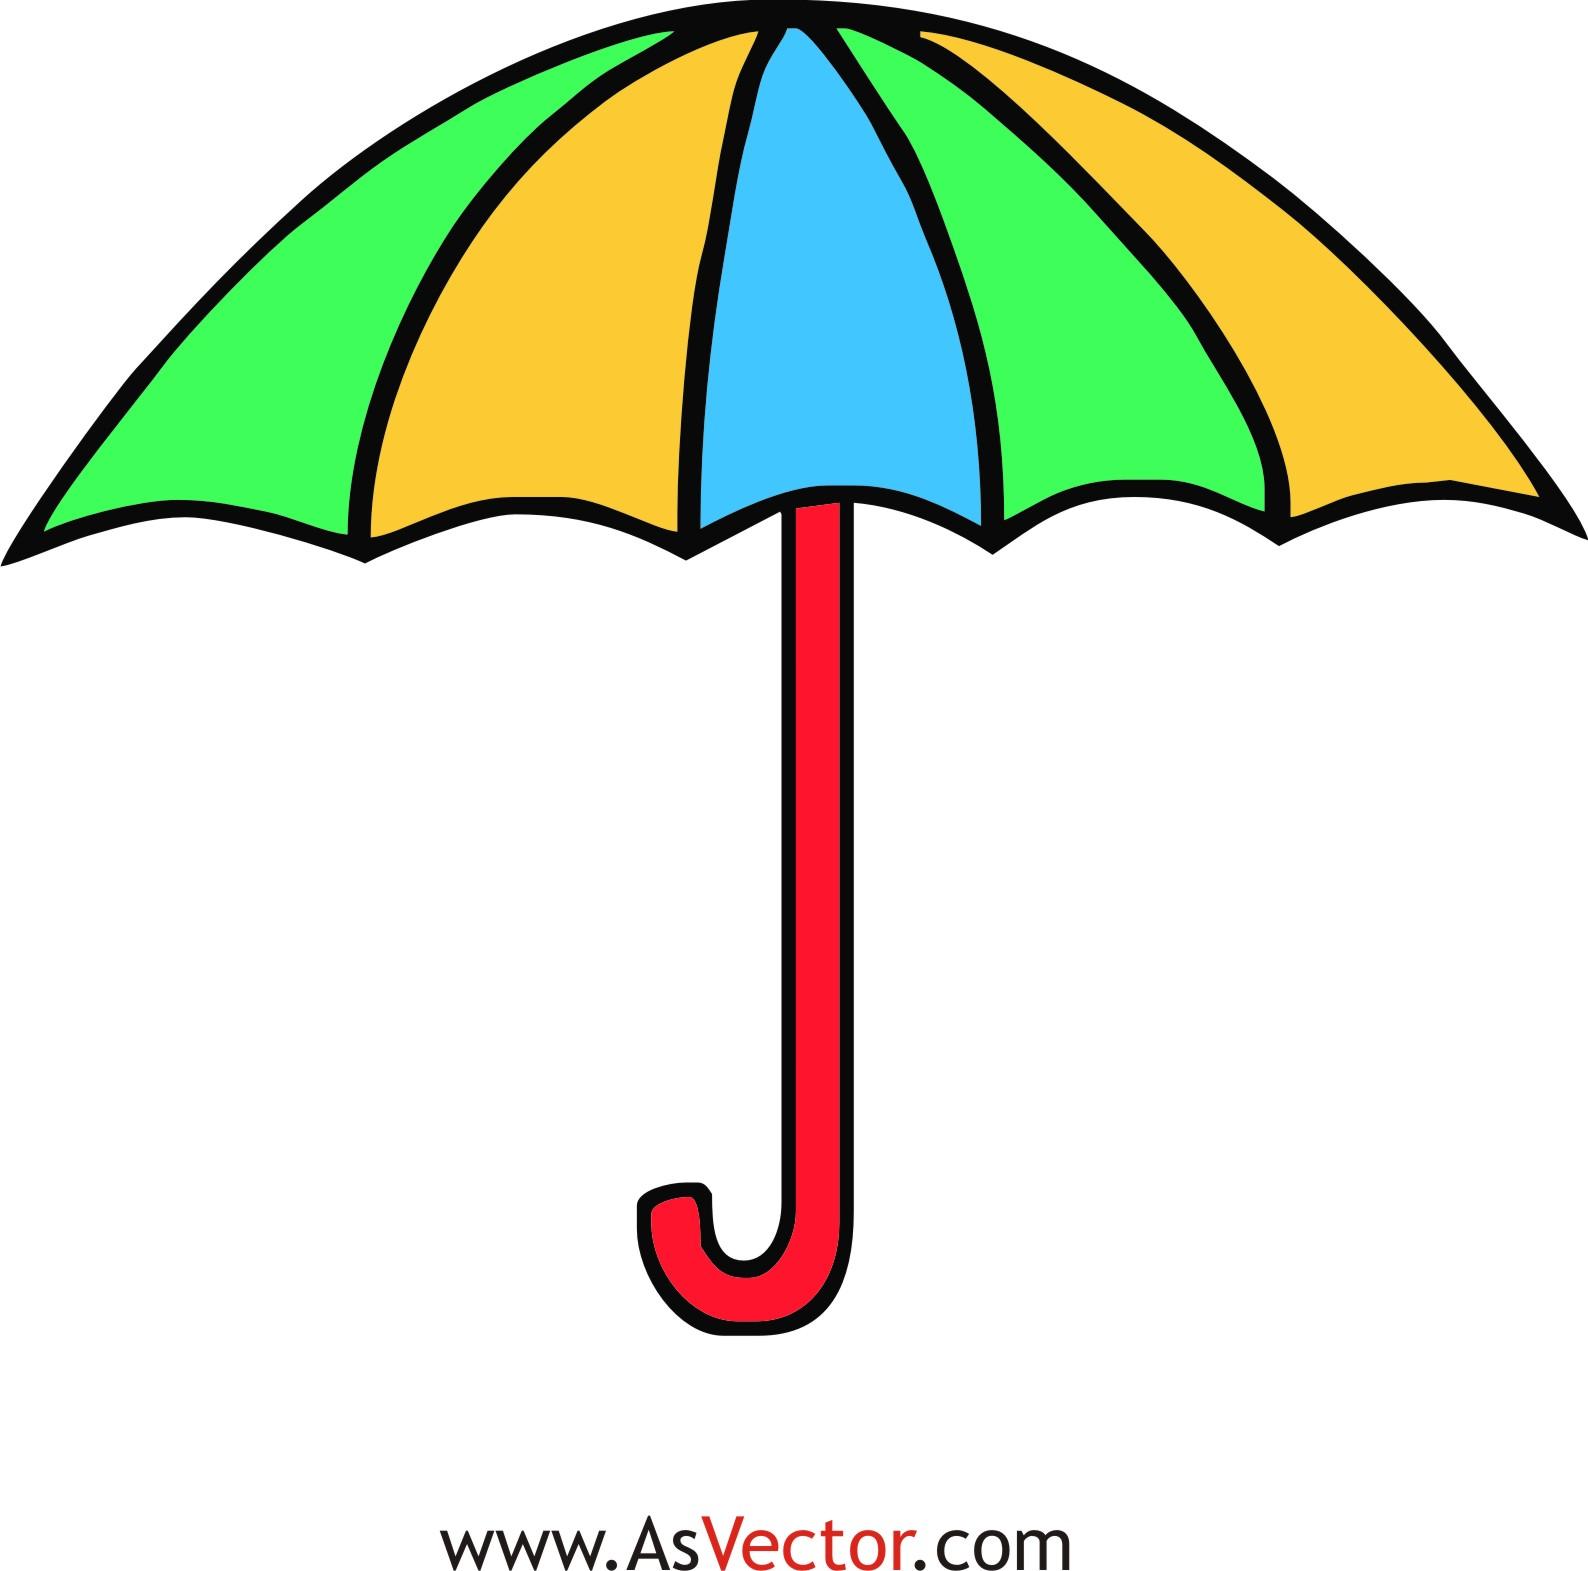 1588x1571 Free Umbrella Clipart Public Domain Umbrella Clip Art Images Image